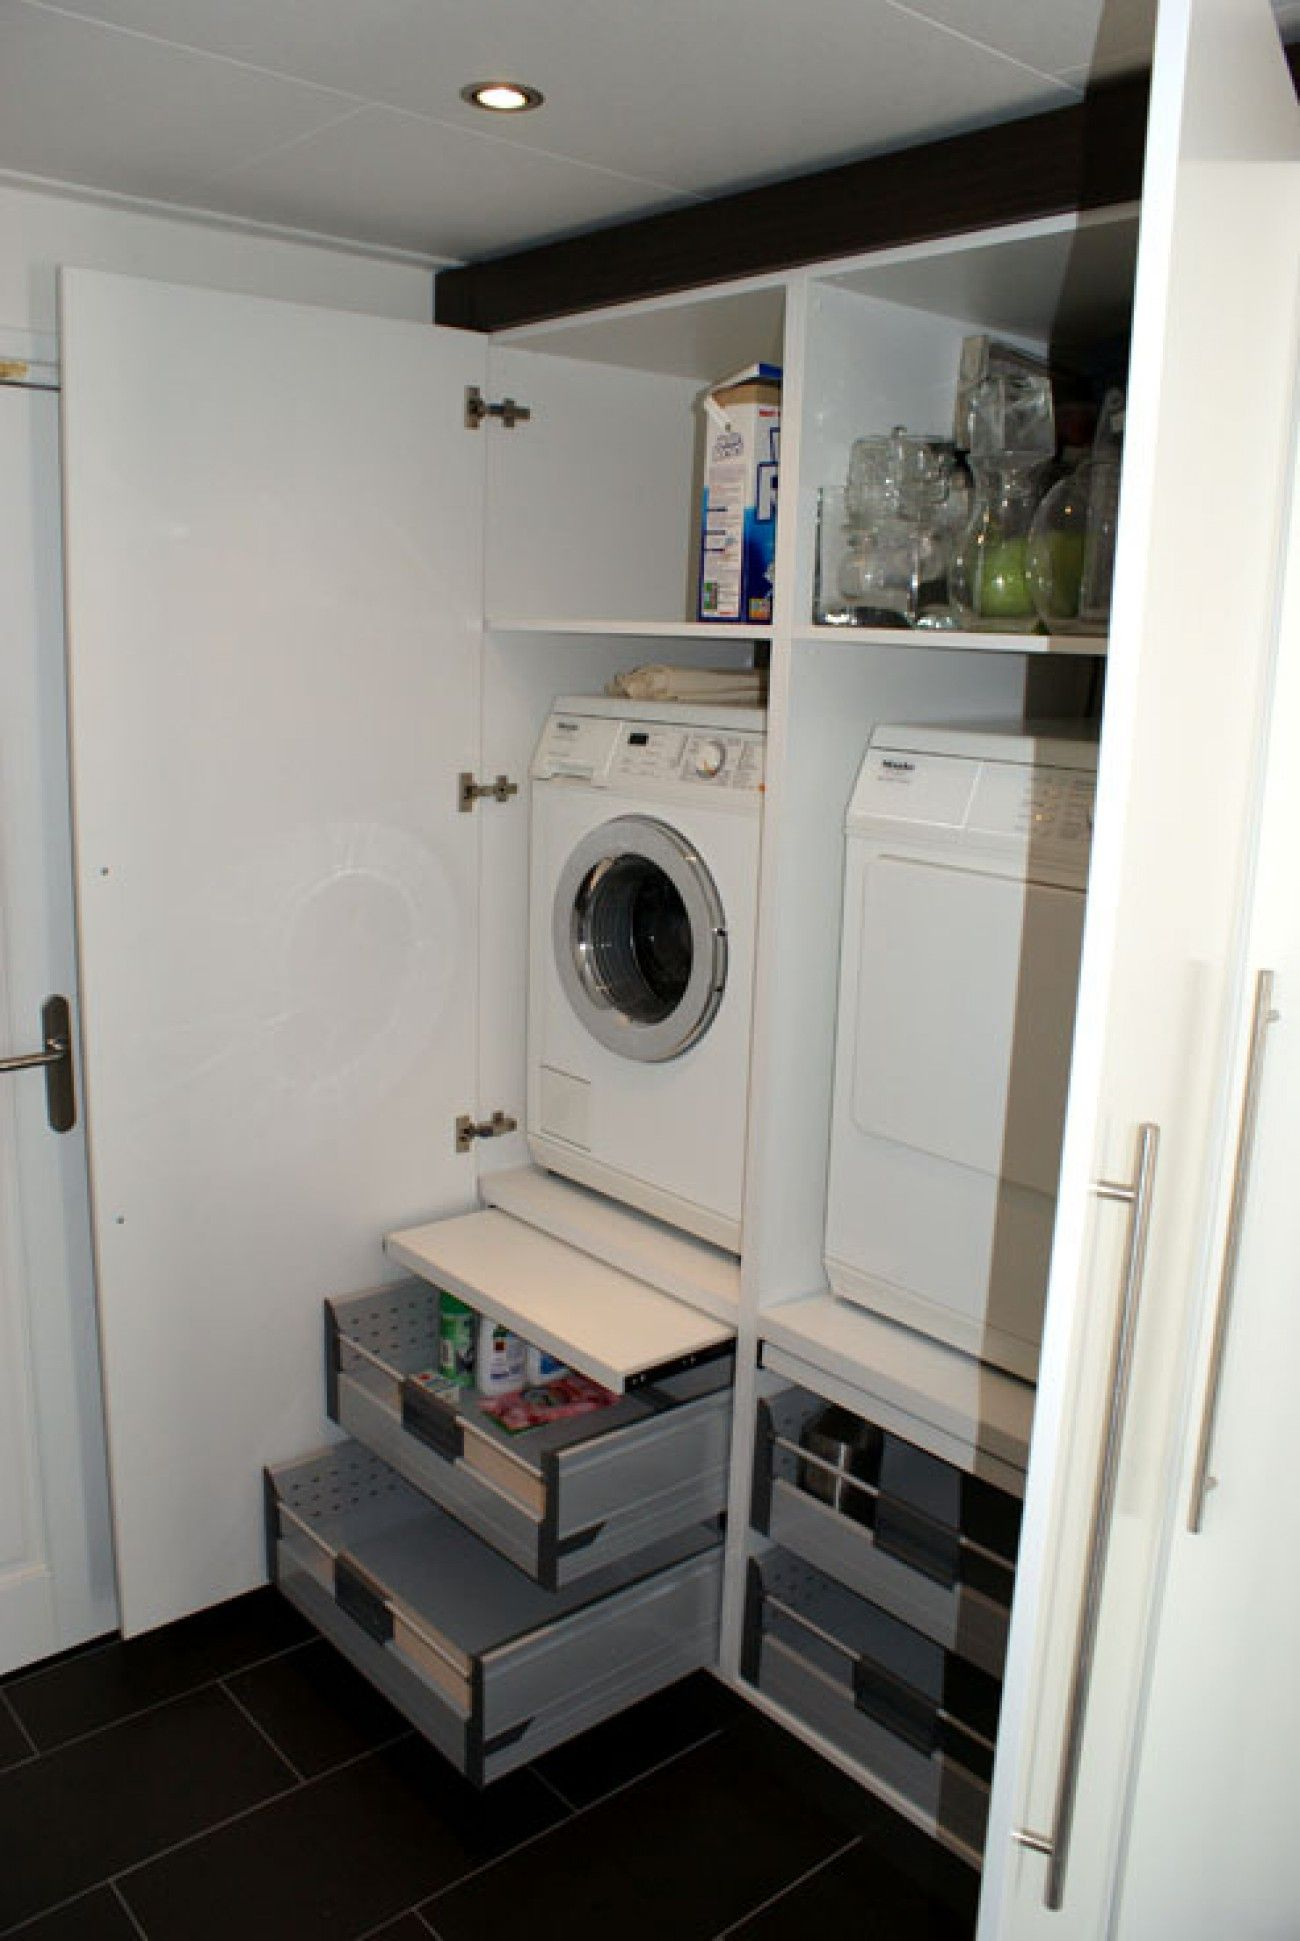 een wasmachine kast - Wasplaats | Pinterest - Kast, Zolder en Badkamer